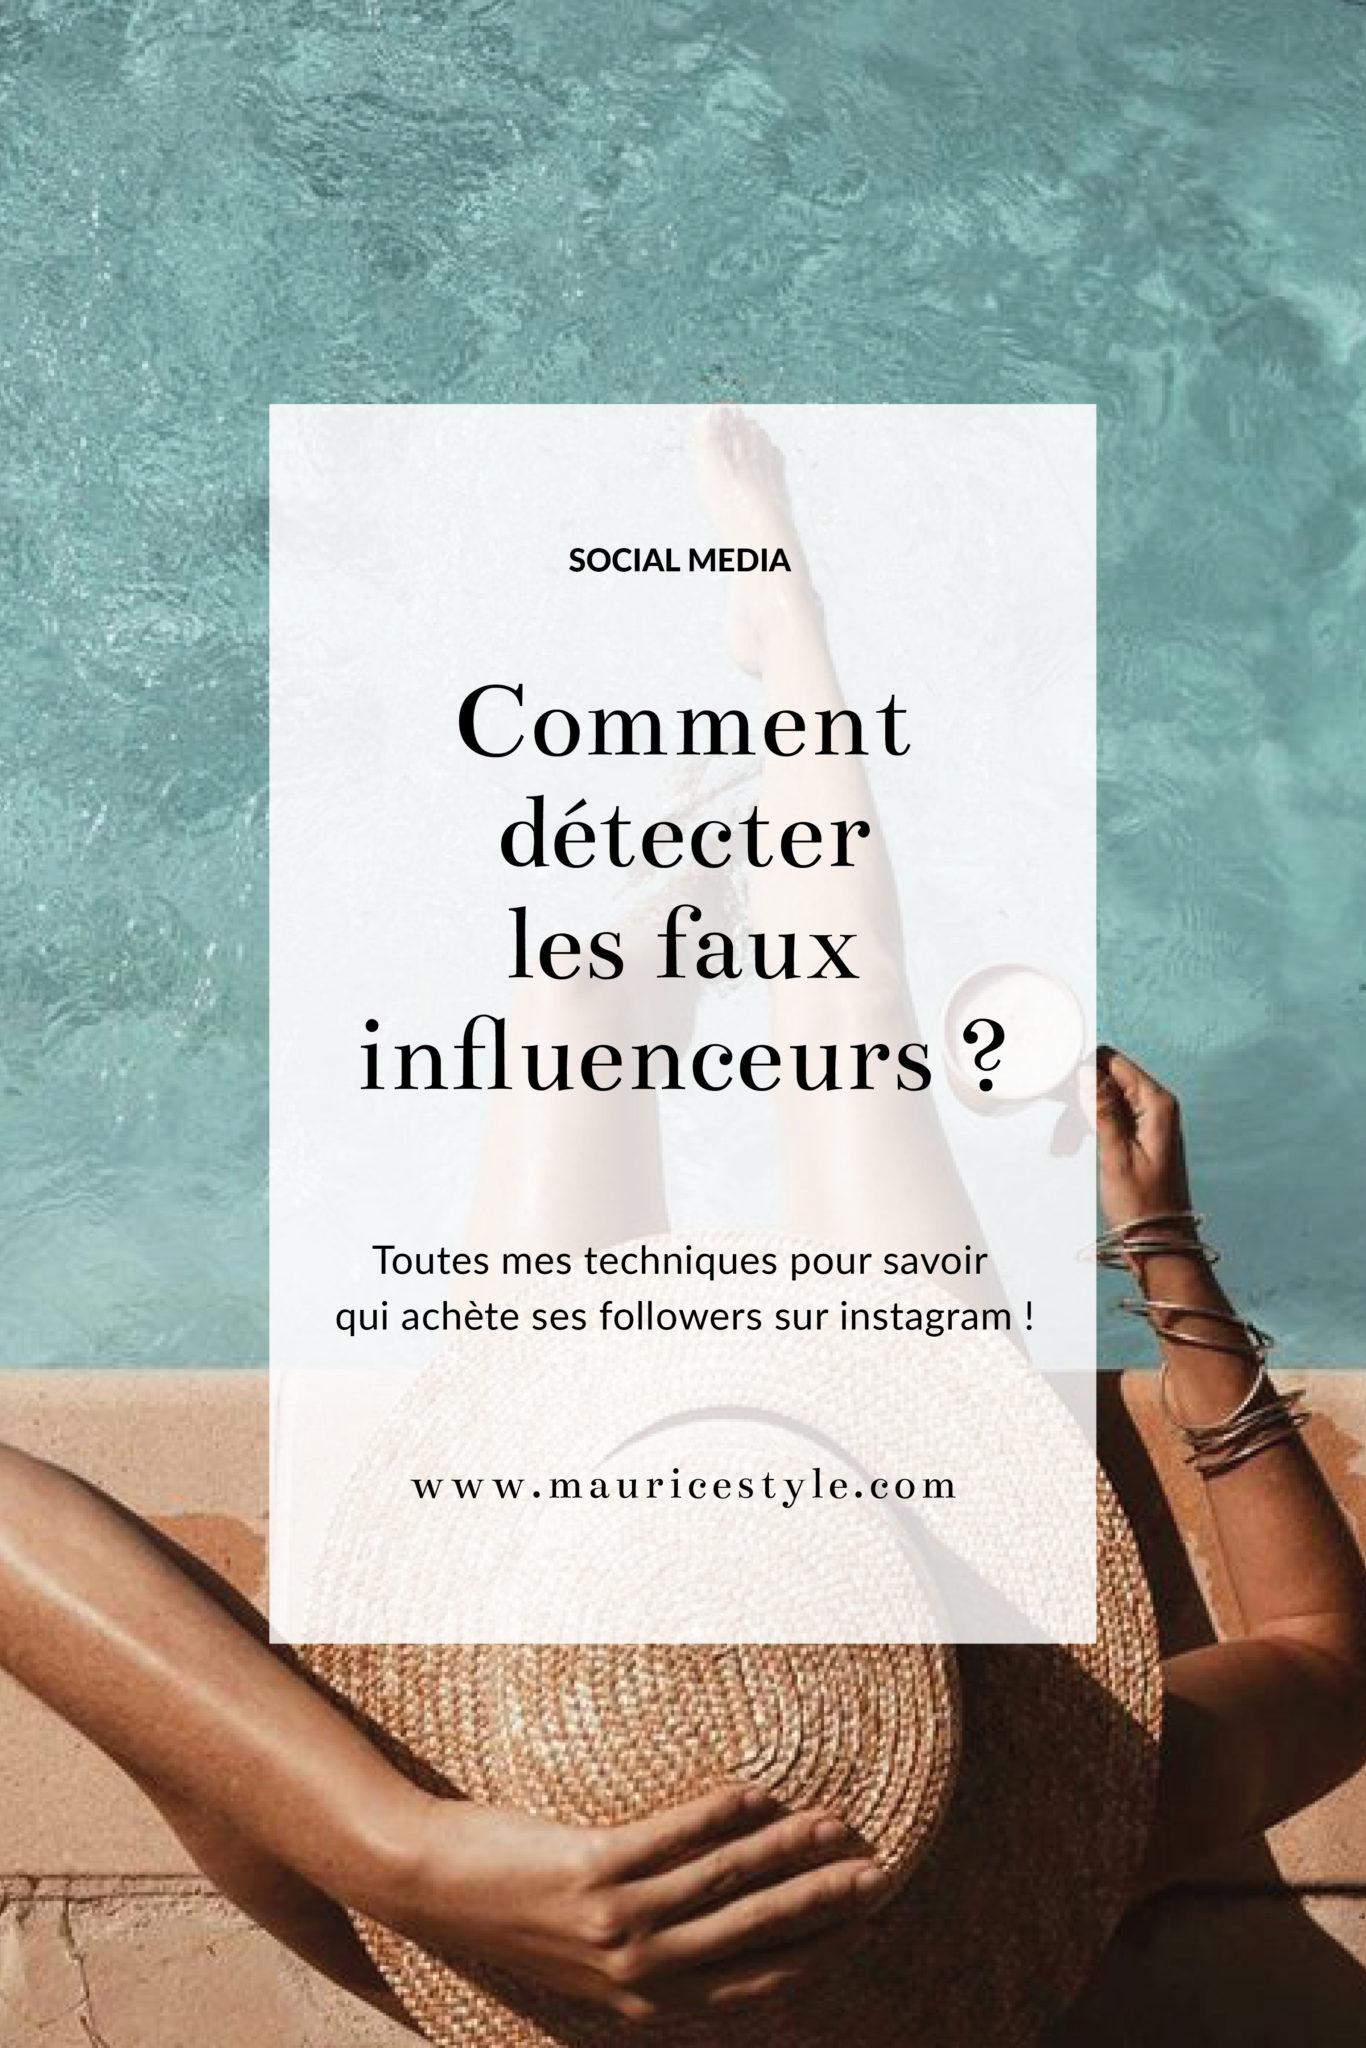 Découvrez comment détecter les faux influenceurs sur instagram ! Vous saurez toutes mes techniques pour savoir quel instagrammer achète ses abonnés / followers sur instagram !